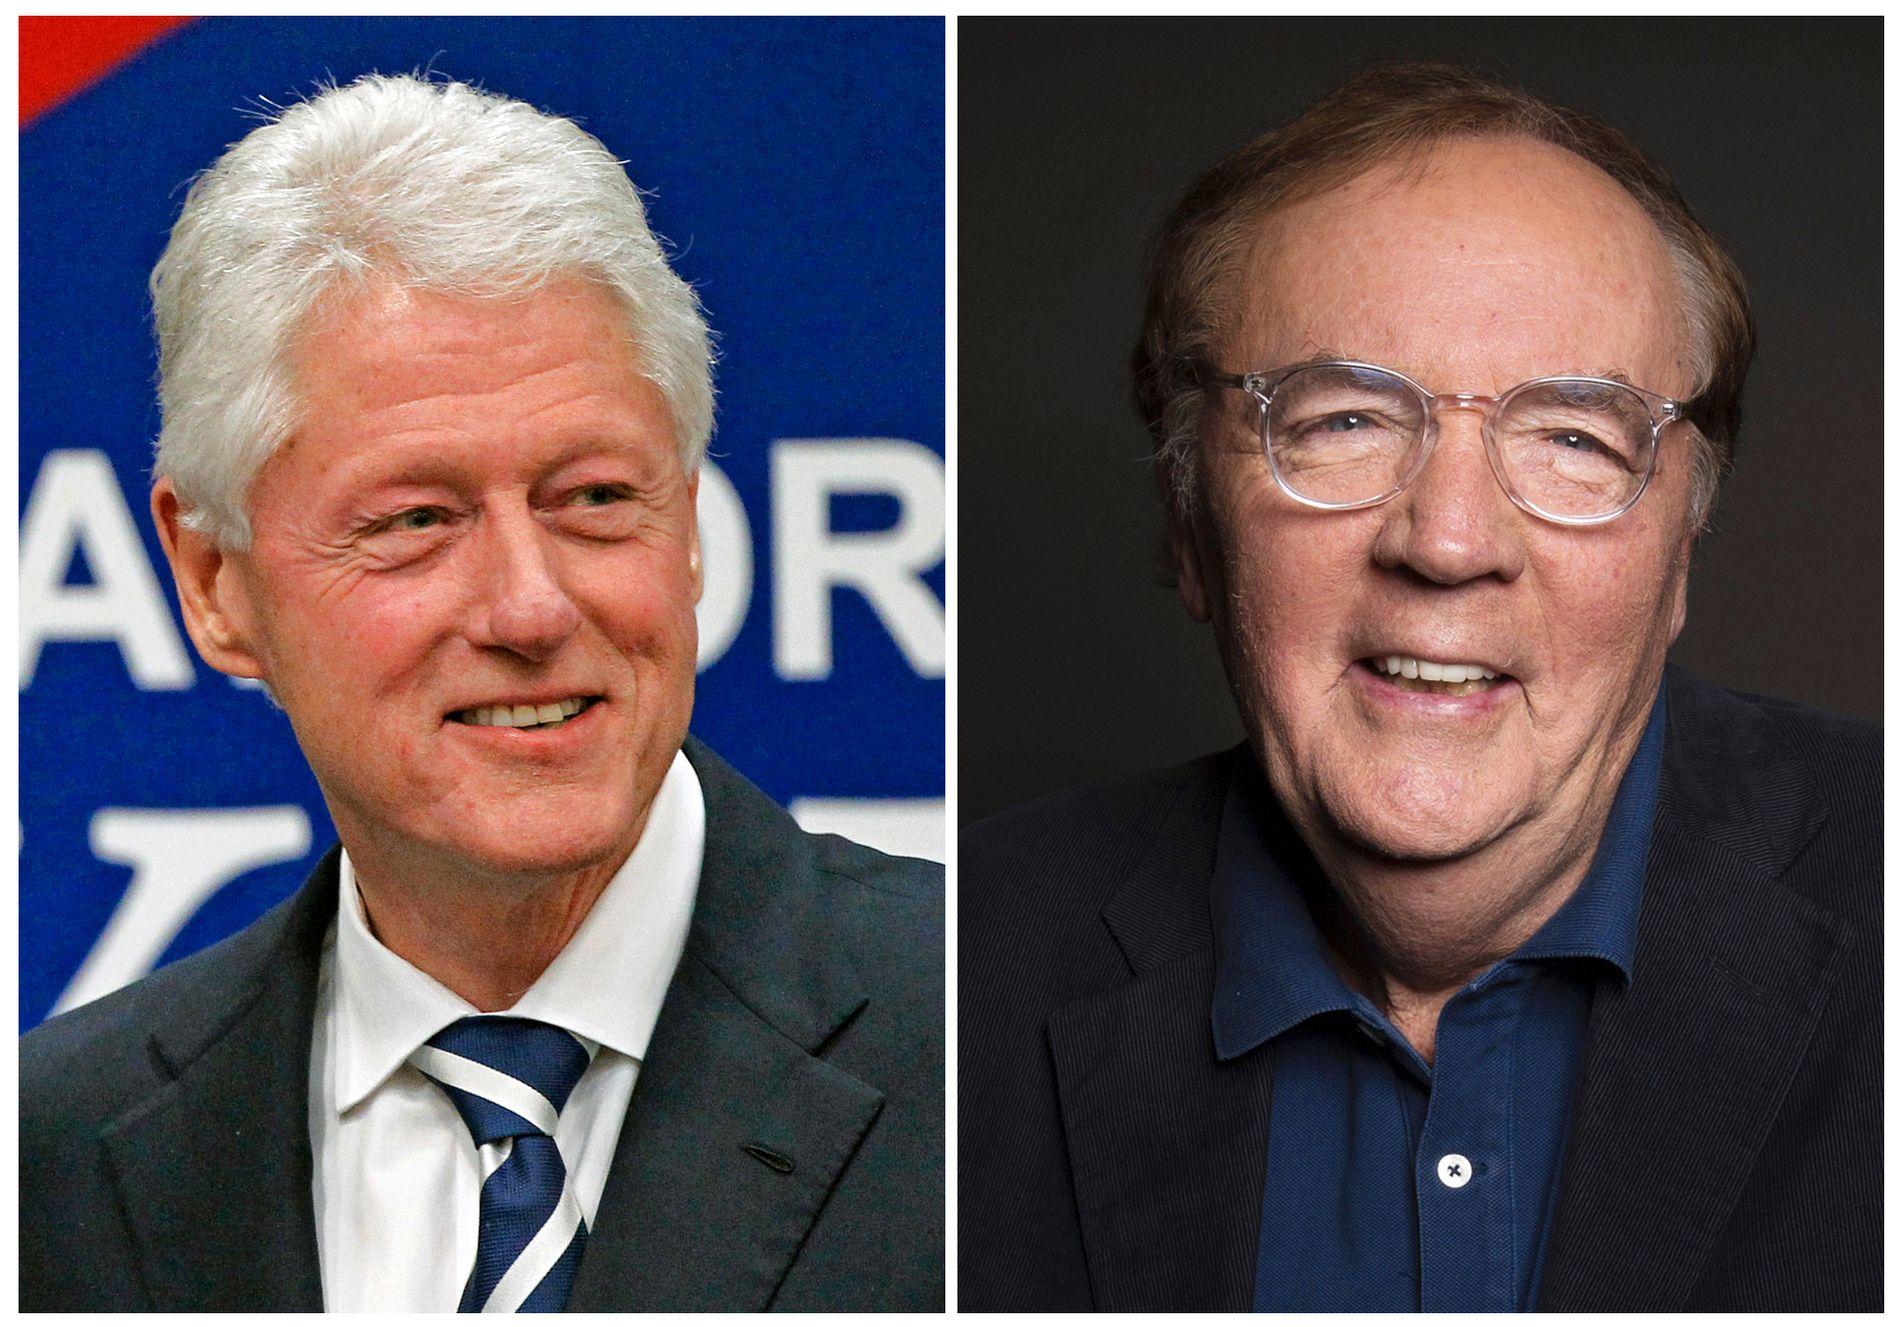 KOLLEGER: Bill Clinton og James Patterson har gått i skriveboksen sammen.